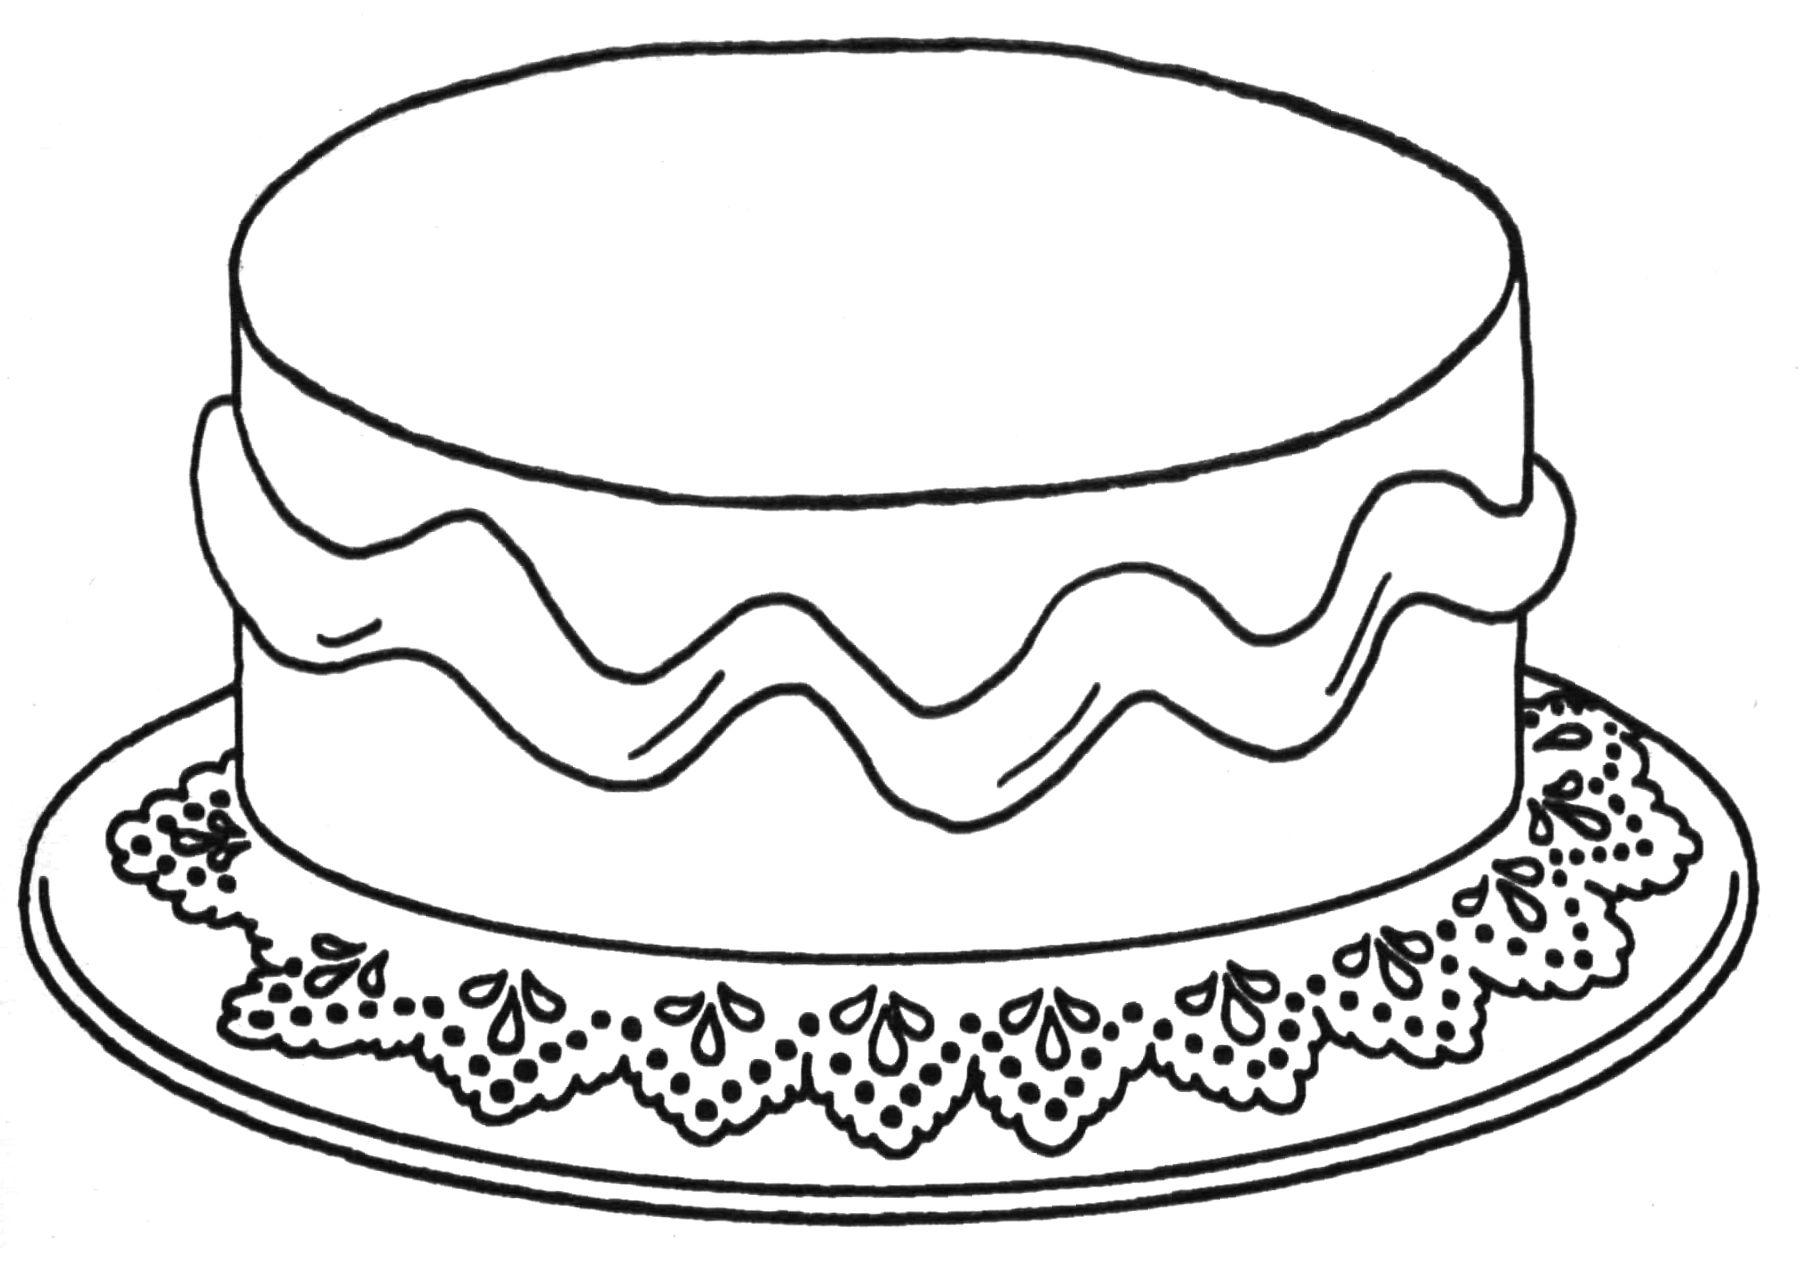 kleurplaten van taarten